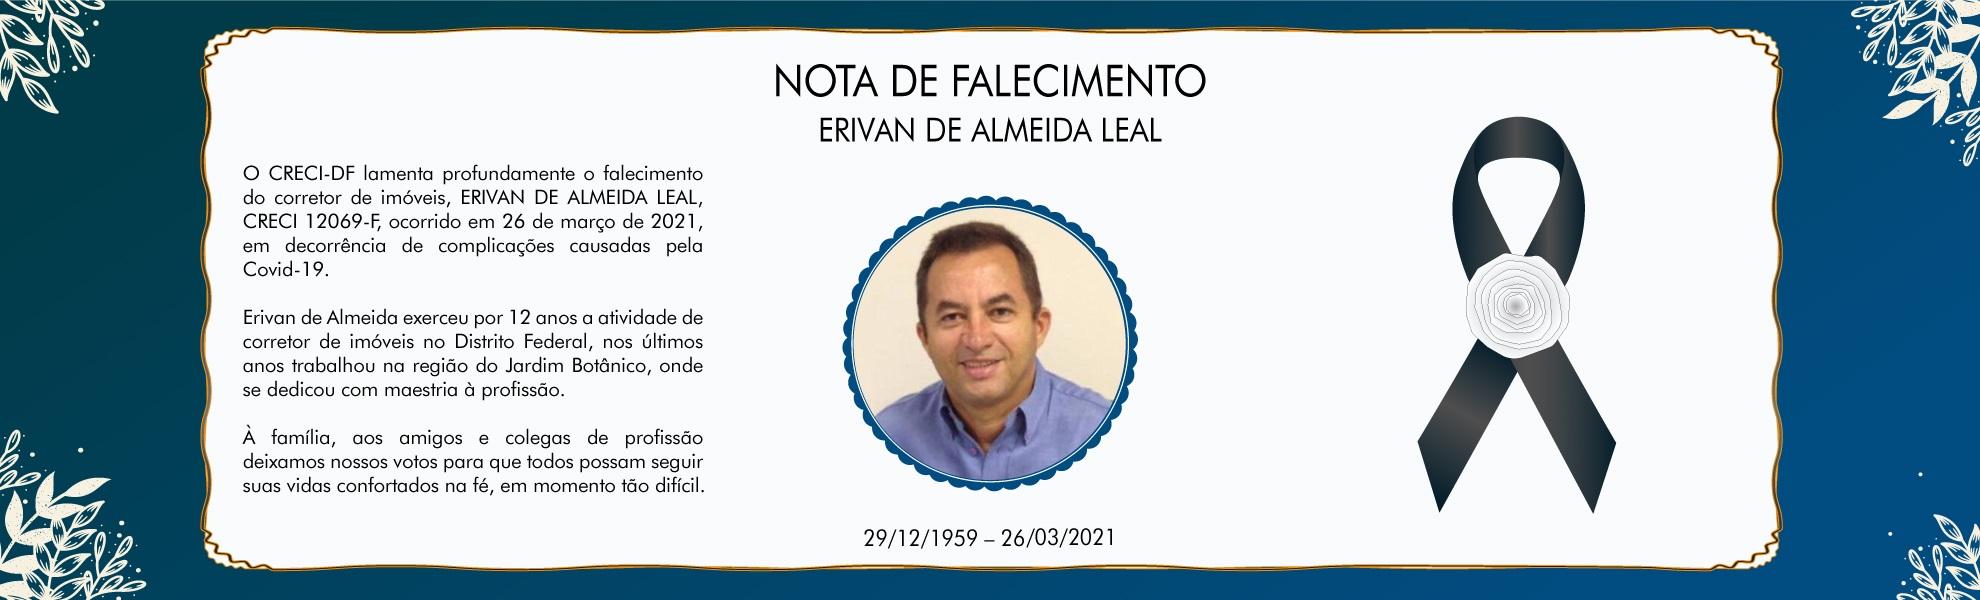 Nota-de-Falecimento-ERIVAN-DE-ALMEIDA-LEAL-SLIDE-1